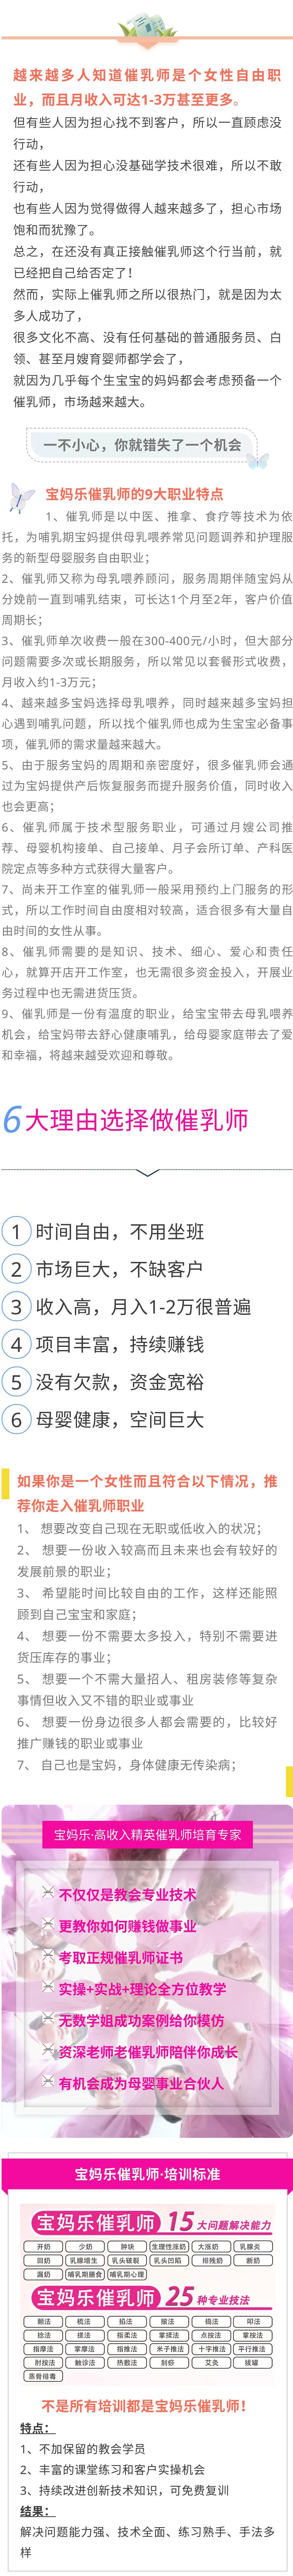 杭州月嫂价格_月嫂工作服务相关-杭州牵爱母婴服务有限公司